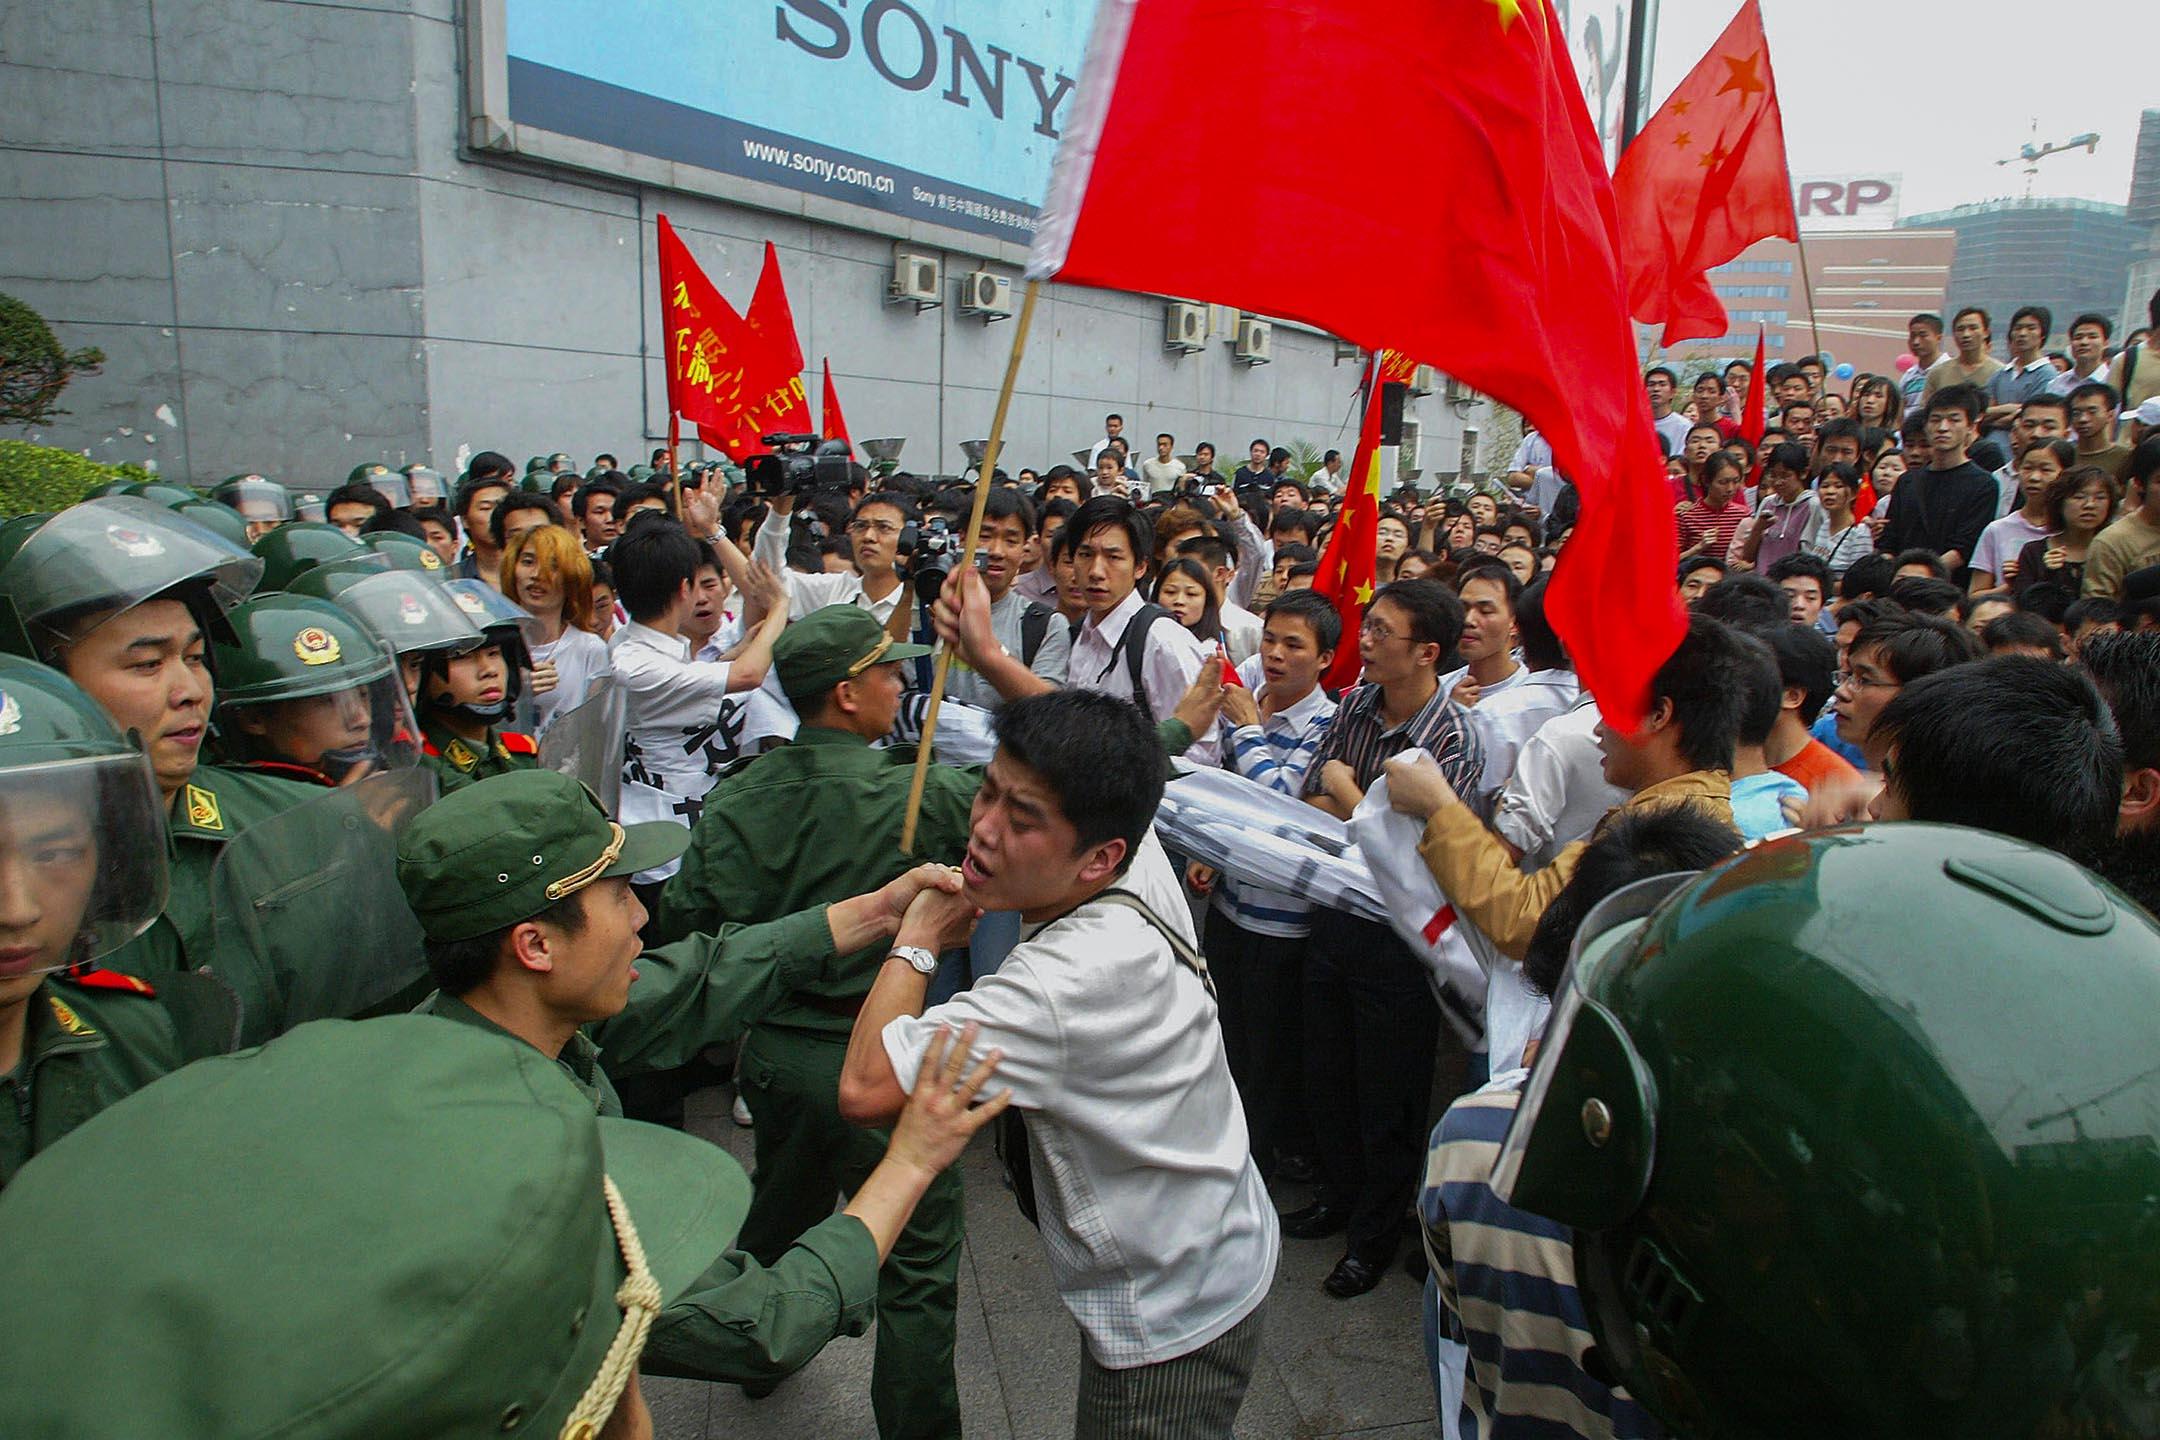 2005年4月10日中國廣州,中國示威者在反日集會期間試圖襲擊一家日資百貨公司時與警方發生衝突。